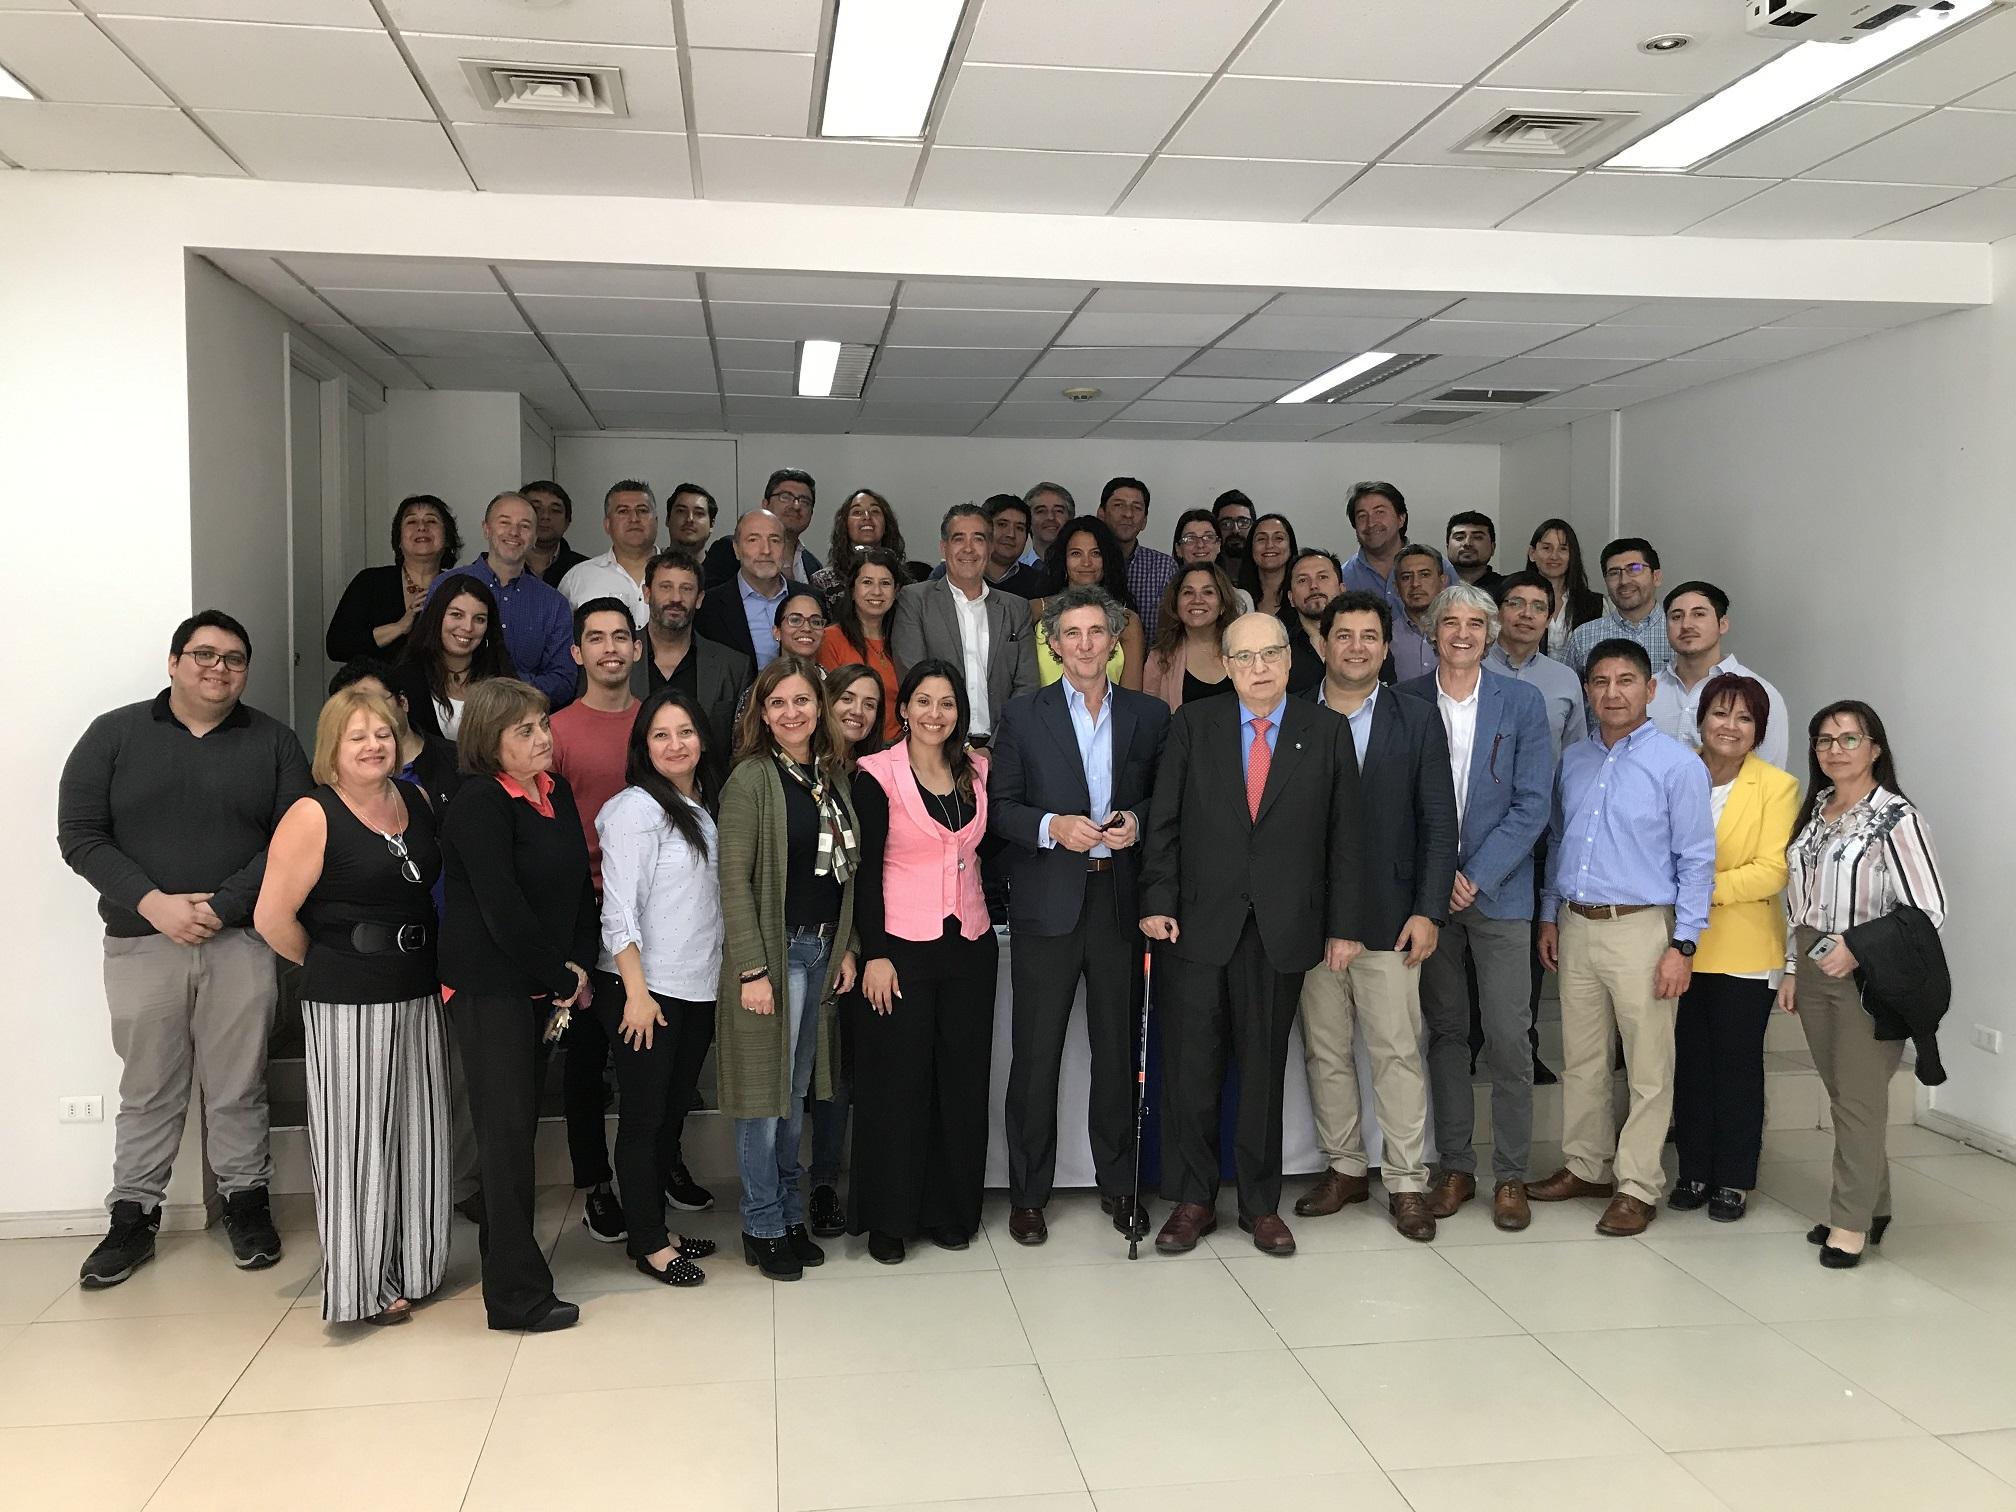 Reconocimiento a Ernesto Corona, presidente del Directorio de Zig-Zag